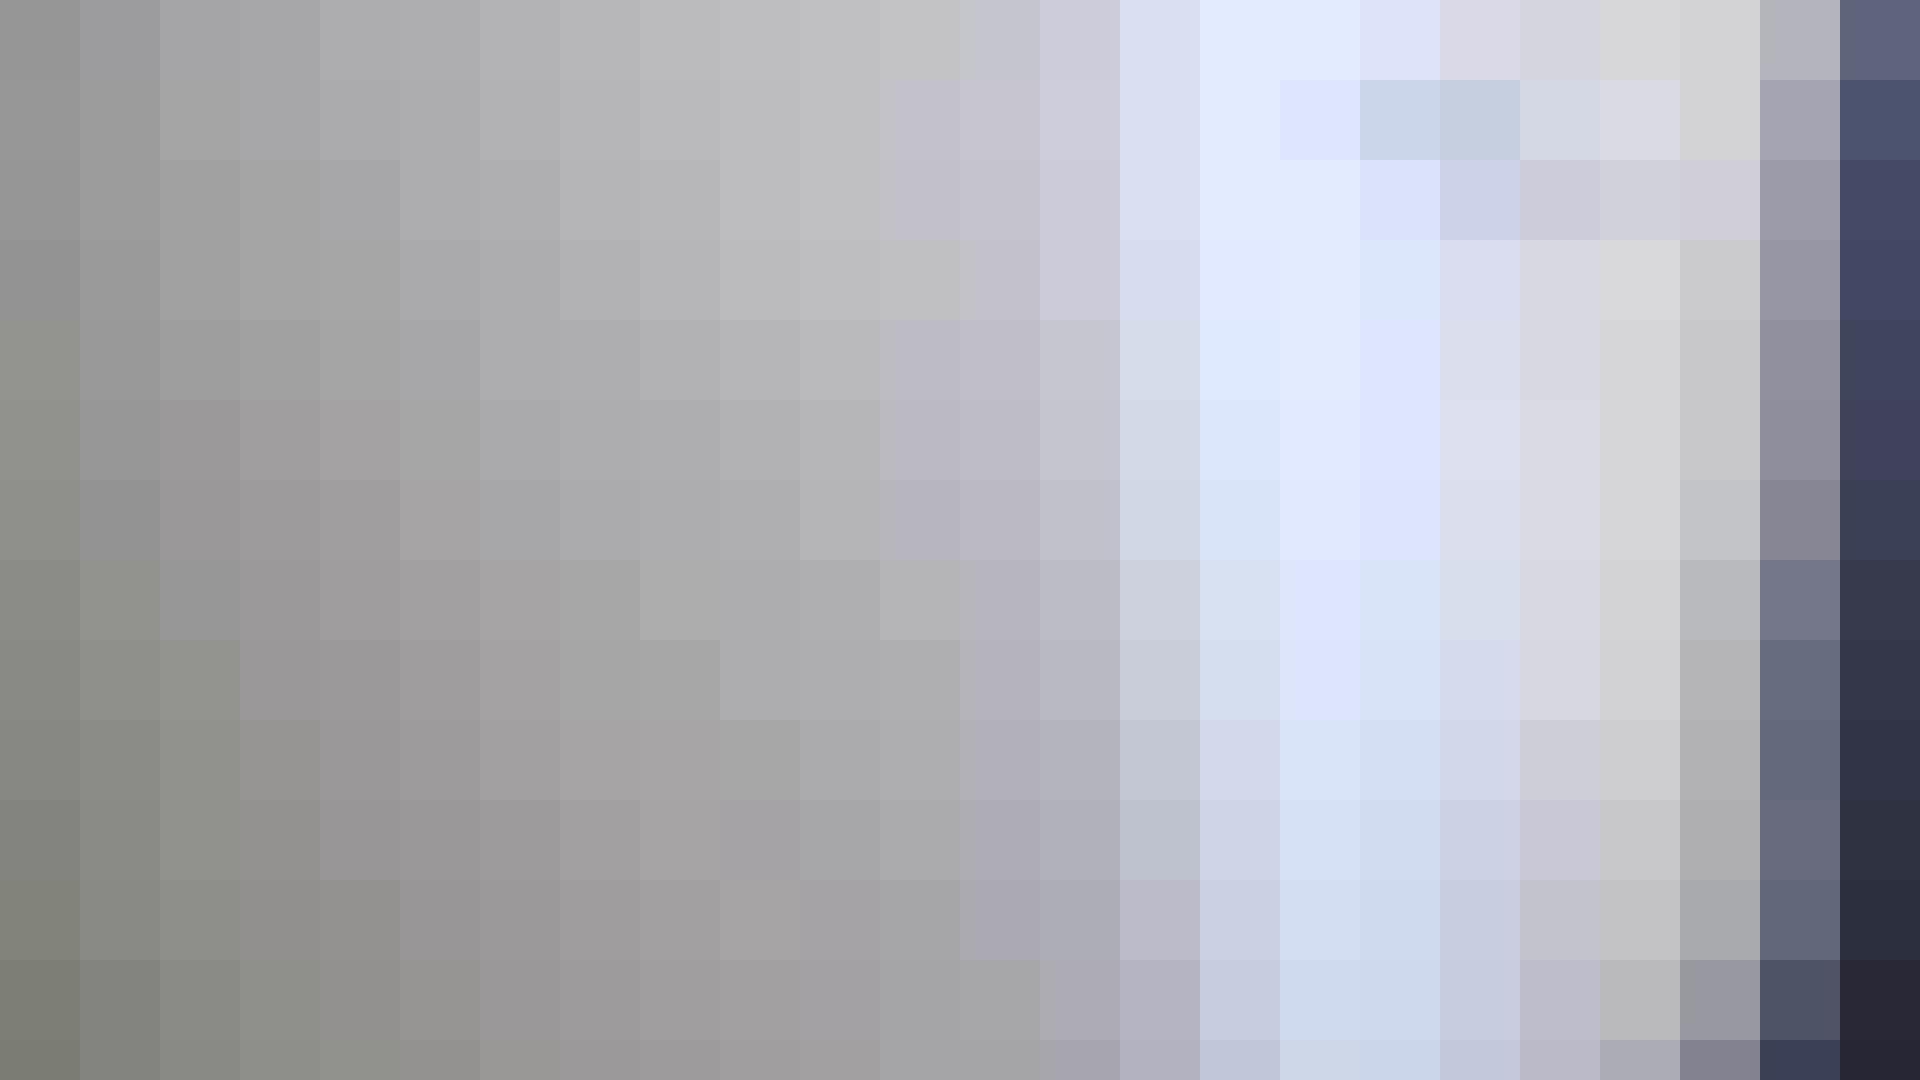 阿国ちゃんの「和式洋式七変化」No.18 iBO(フタコブ) 洗面所  112pic 104